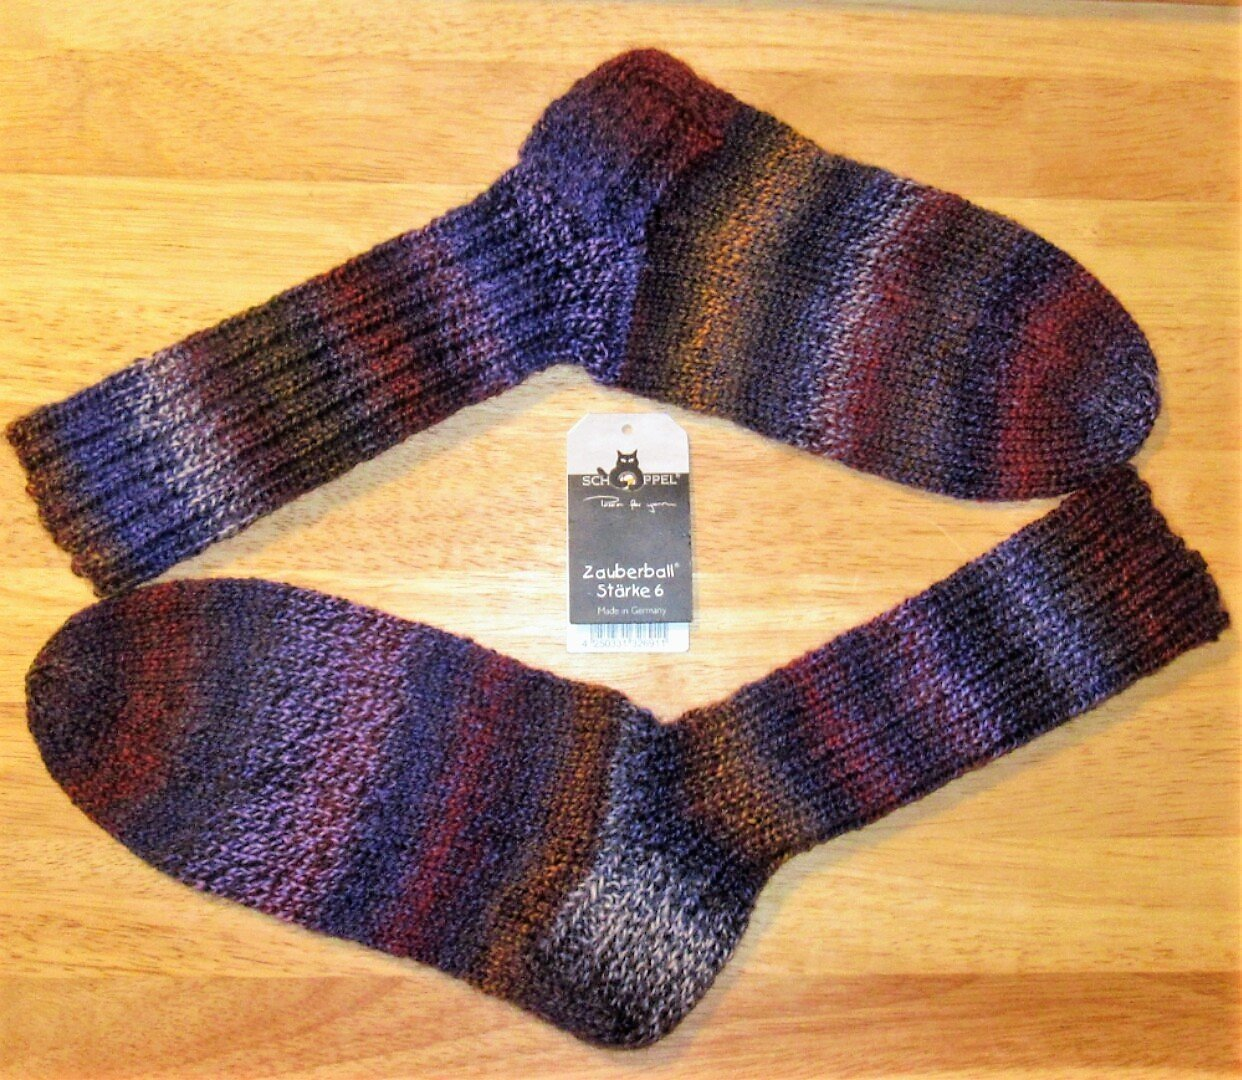 Tricoté à la main/auto-tricoté/chaussettes / chaussettes en laine/Schoppel - Route 66 / Gr. 36/37/38/39/40/41/42/43/44 / Femme/Homme / Chaussettes d'hiver/Chaussettes chaudes/Chaussettes / Bas.